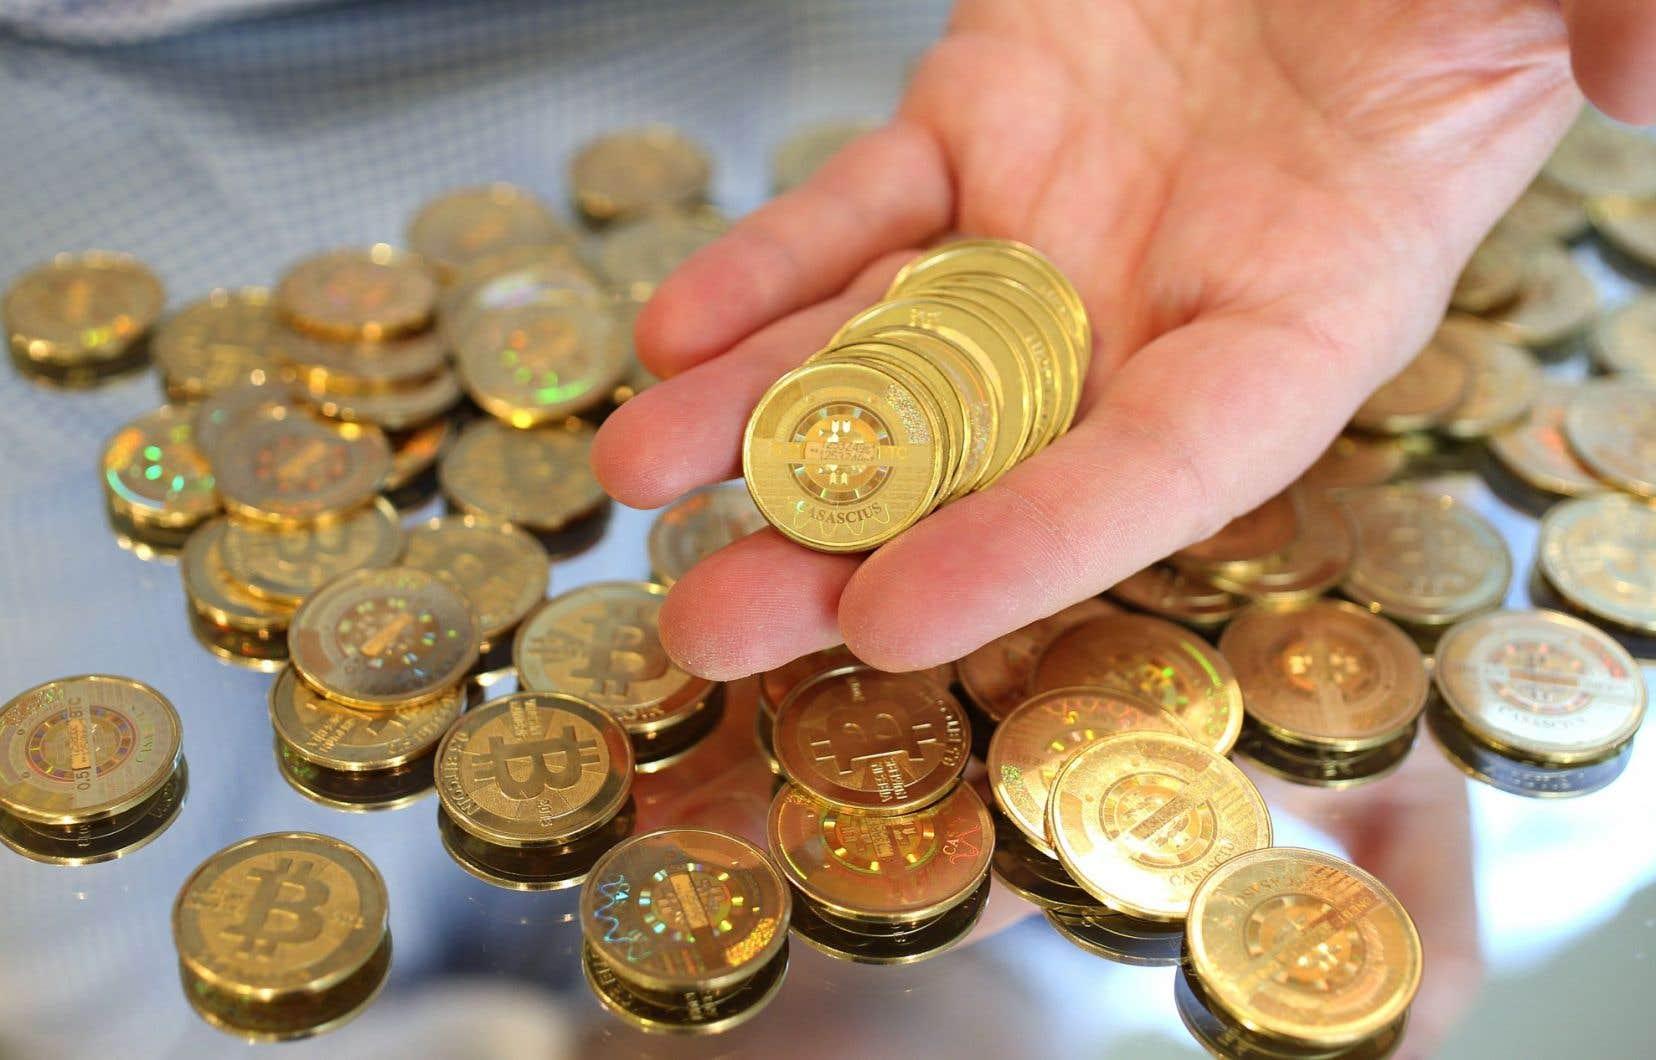 Ces monnaies — bitcoin, ether, litecoin… — intéressent de plus en plus de particuliers, attirés par l'espoir de gains financiers rapides.